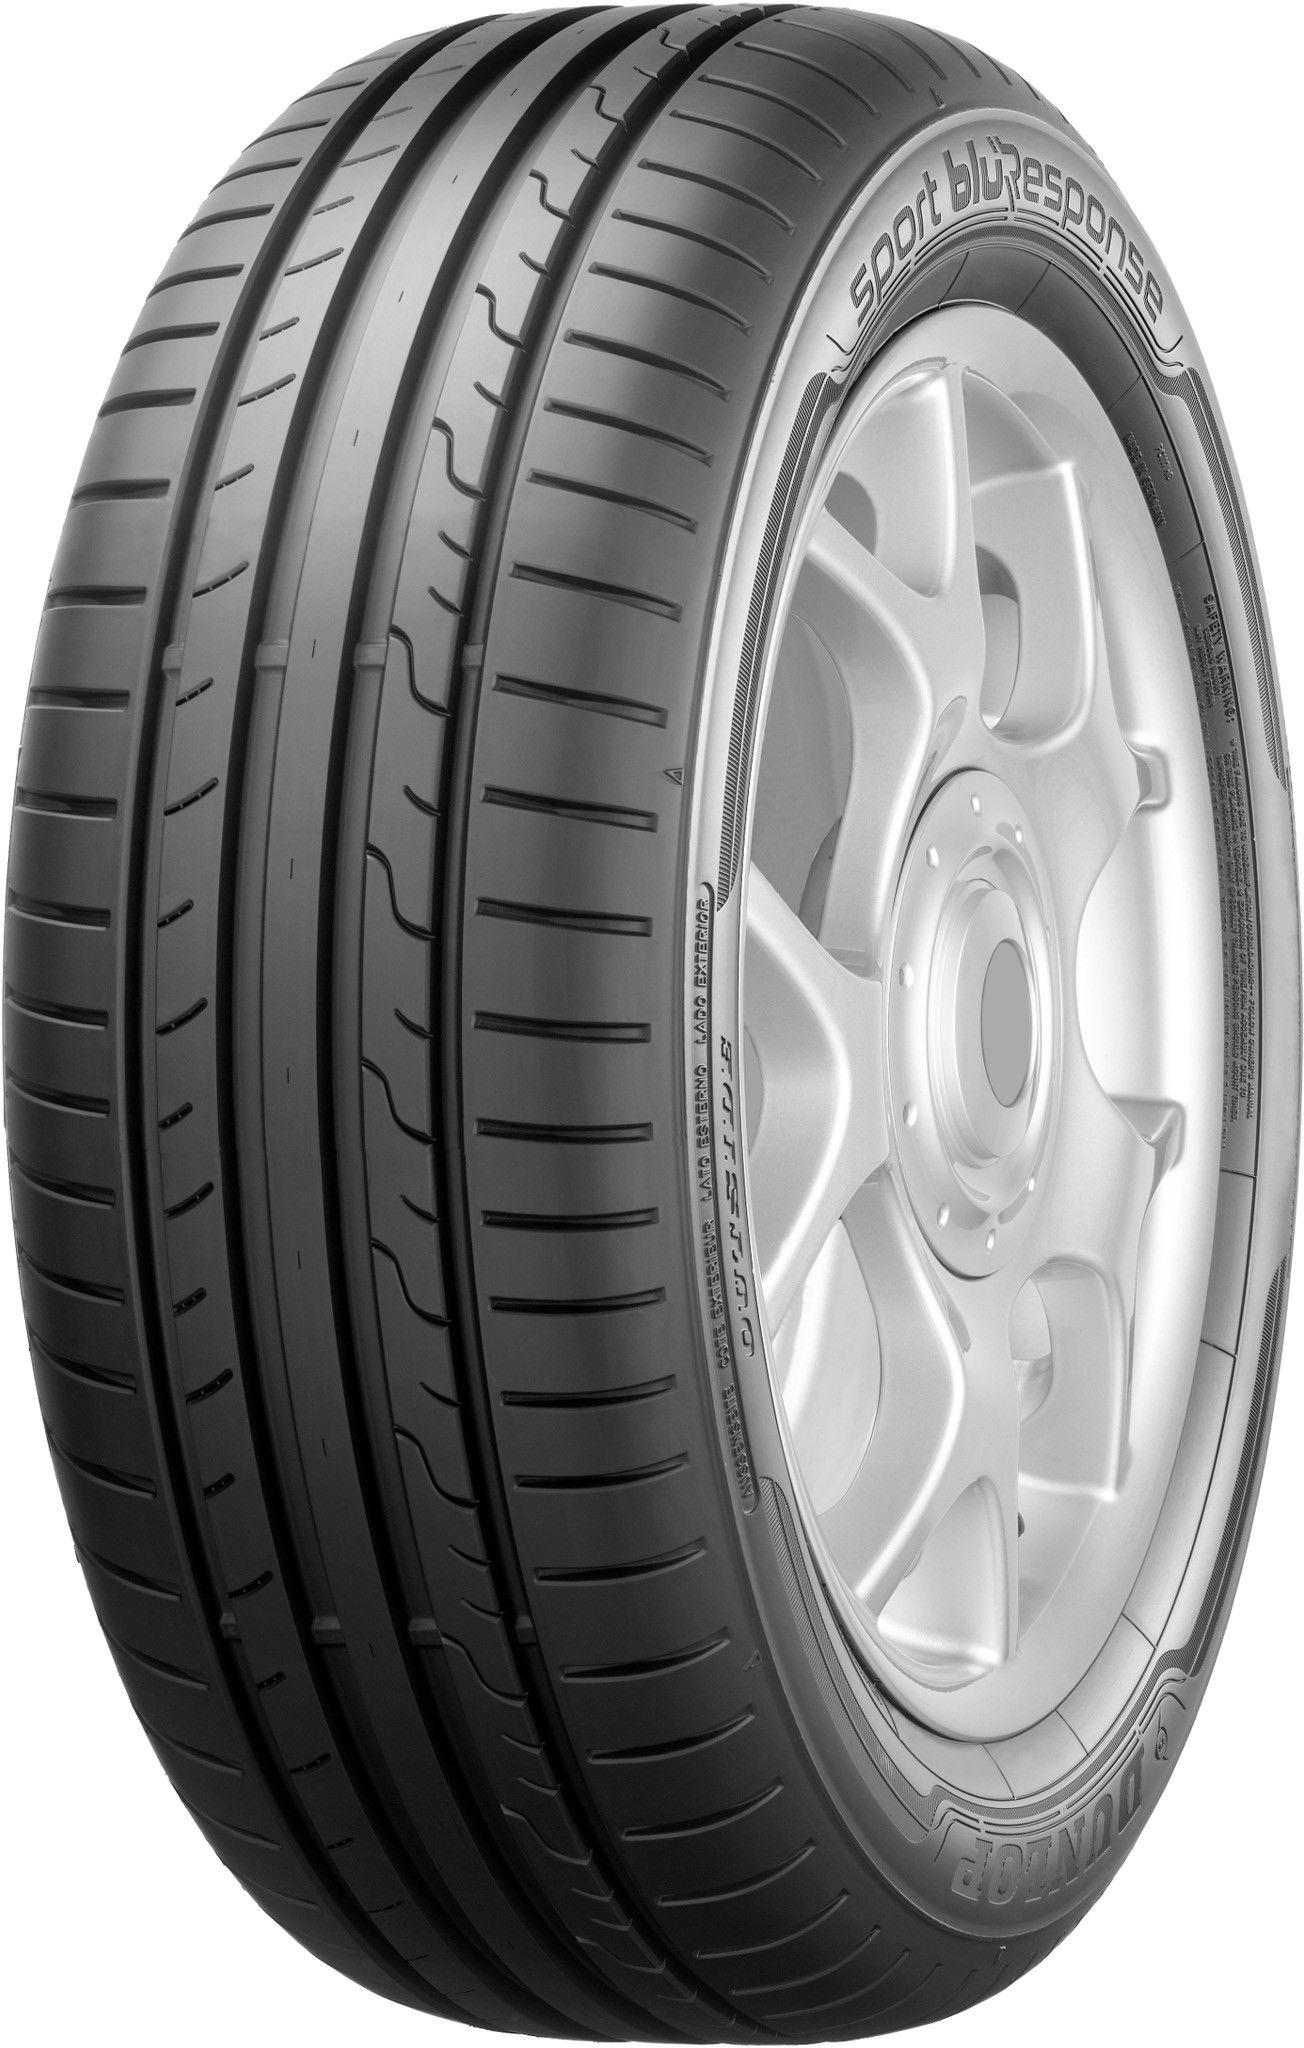 Dunlop SP Sport Bluresponse 225/45R17 91 W FR